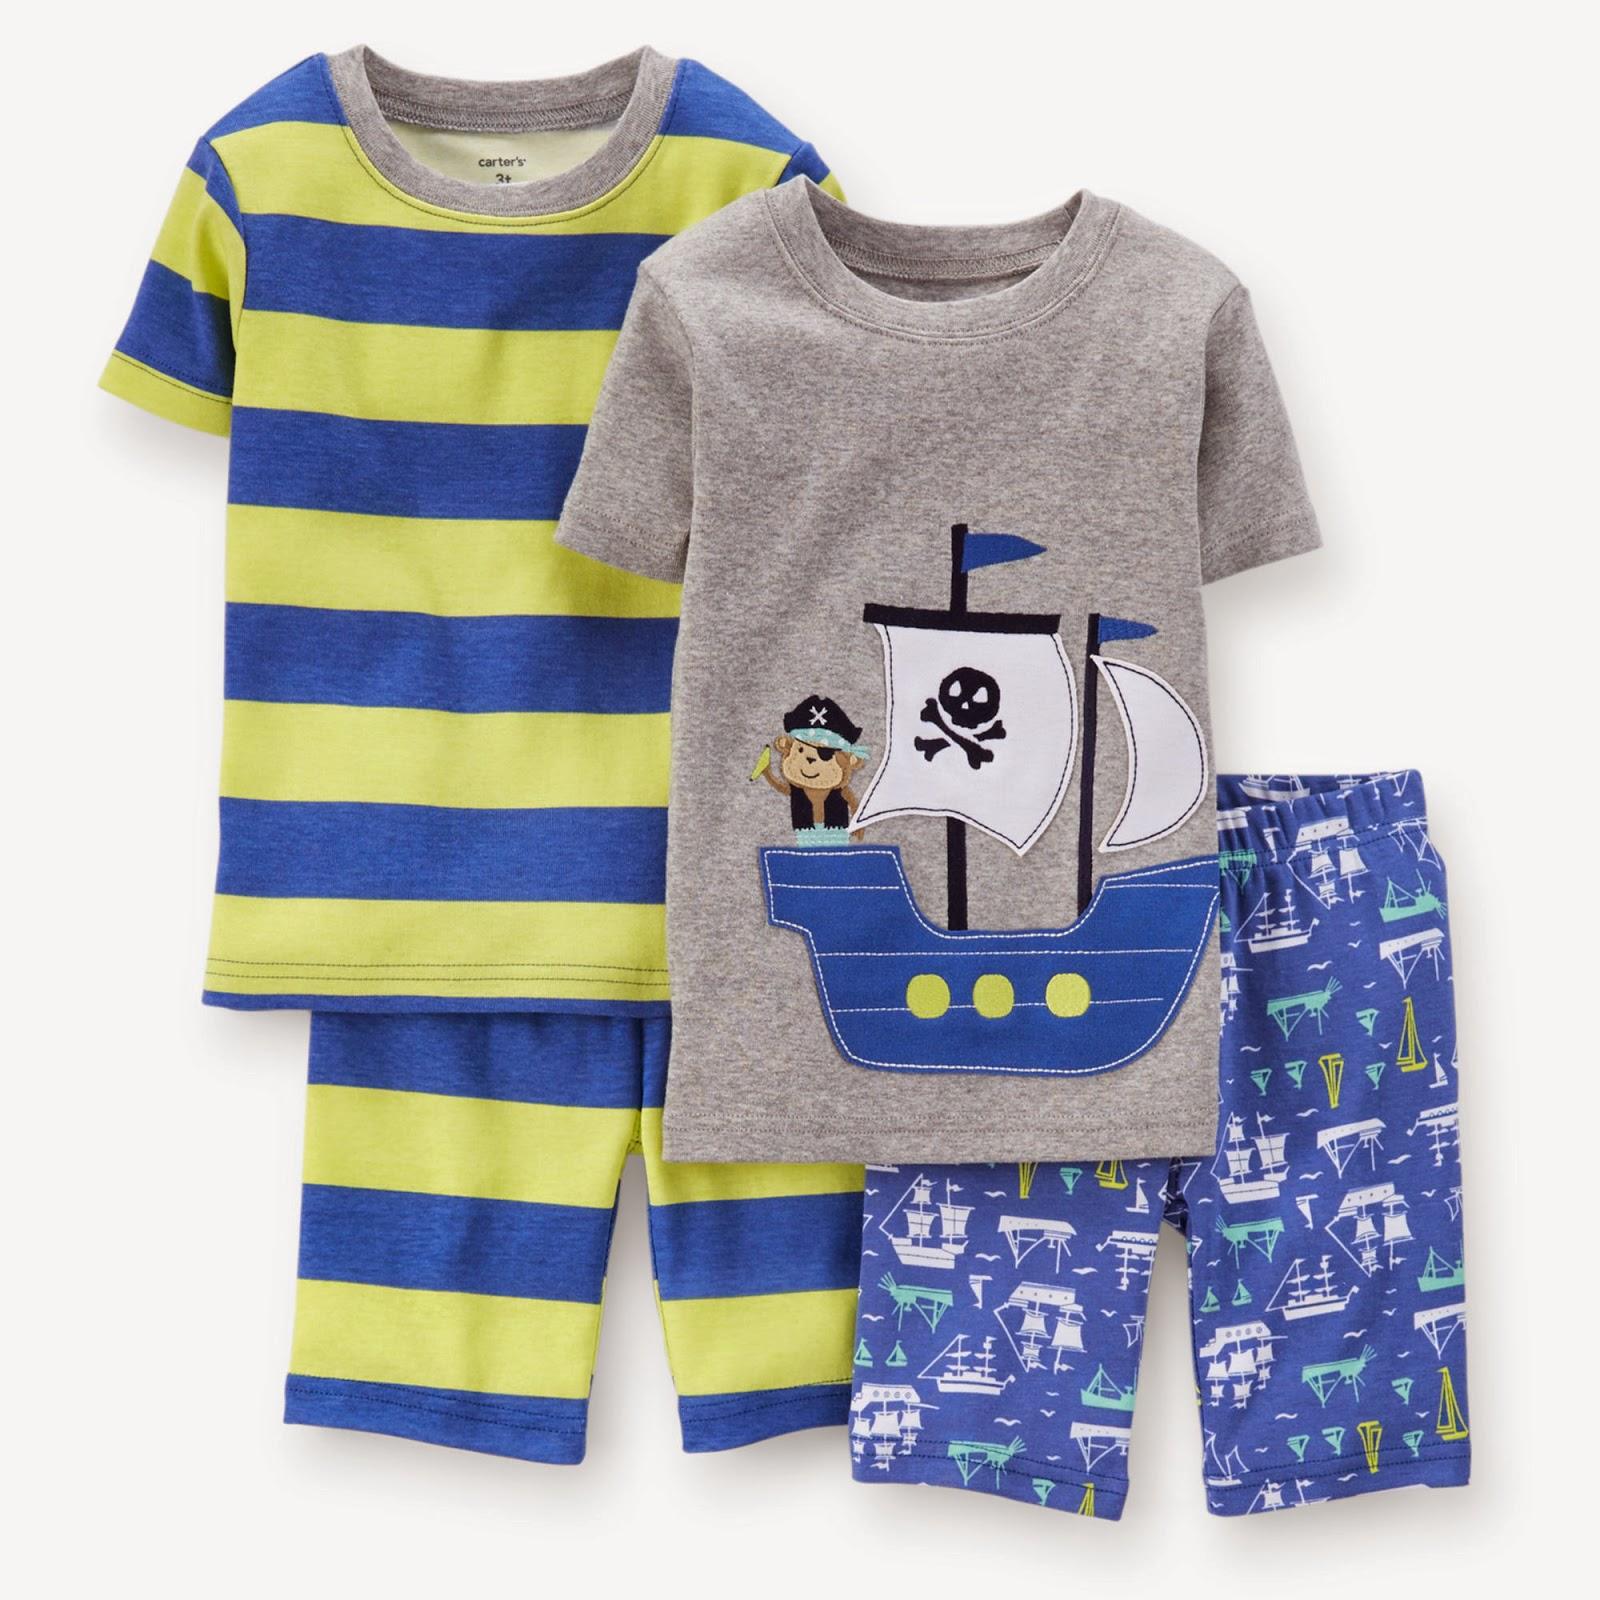 Comprar conjunto de roupas para bebês nos Estados Unidos.